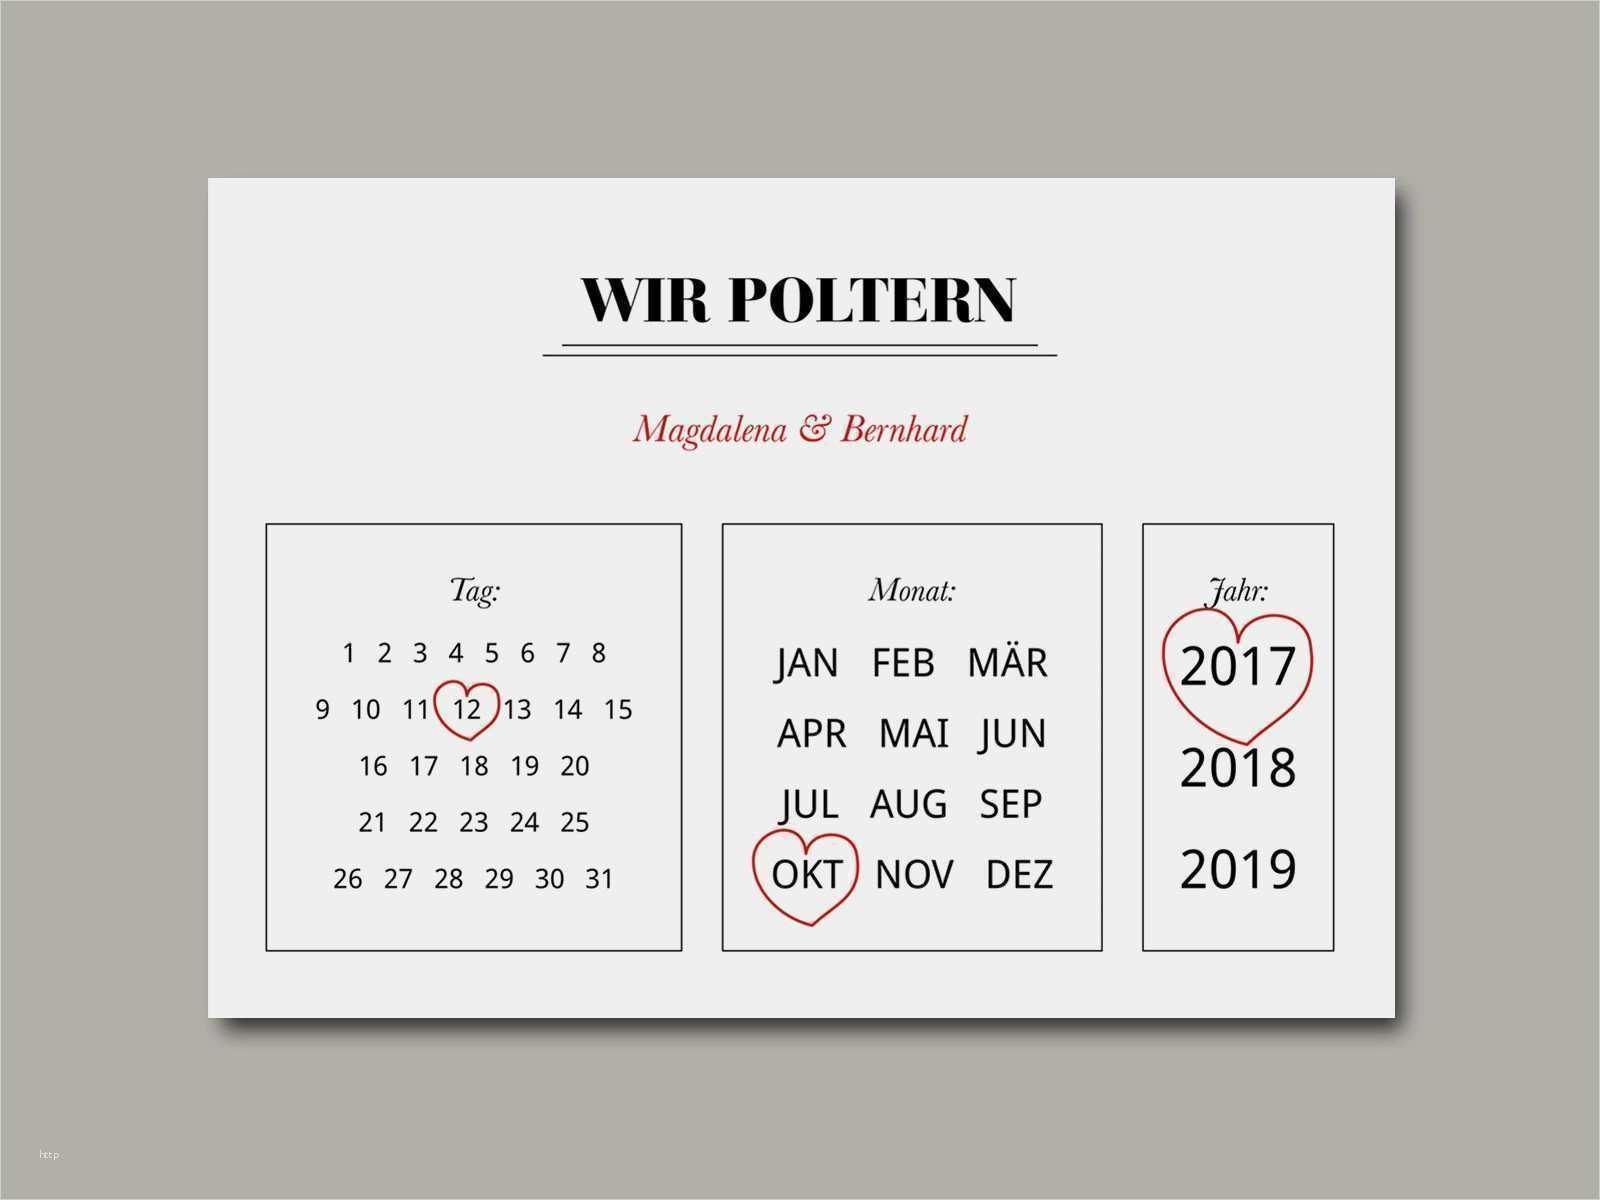 Erstaunlich Einladung Polterabend Vorlage Modelle In 2020 Polterabend Einladung Polterabend Ideen Einladungen